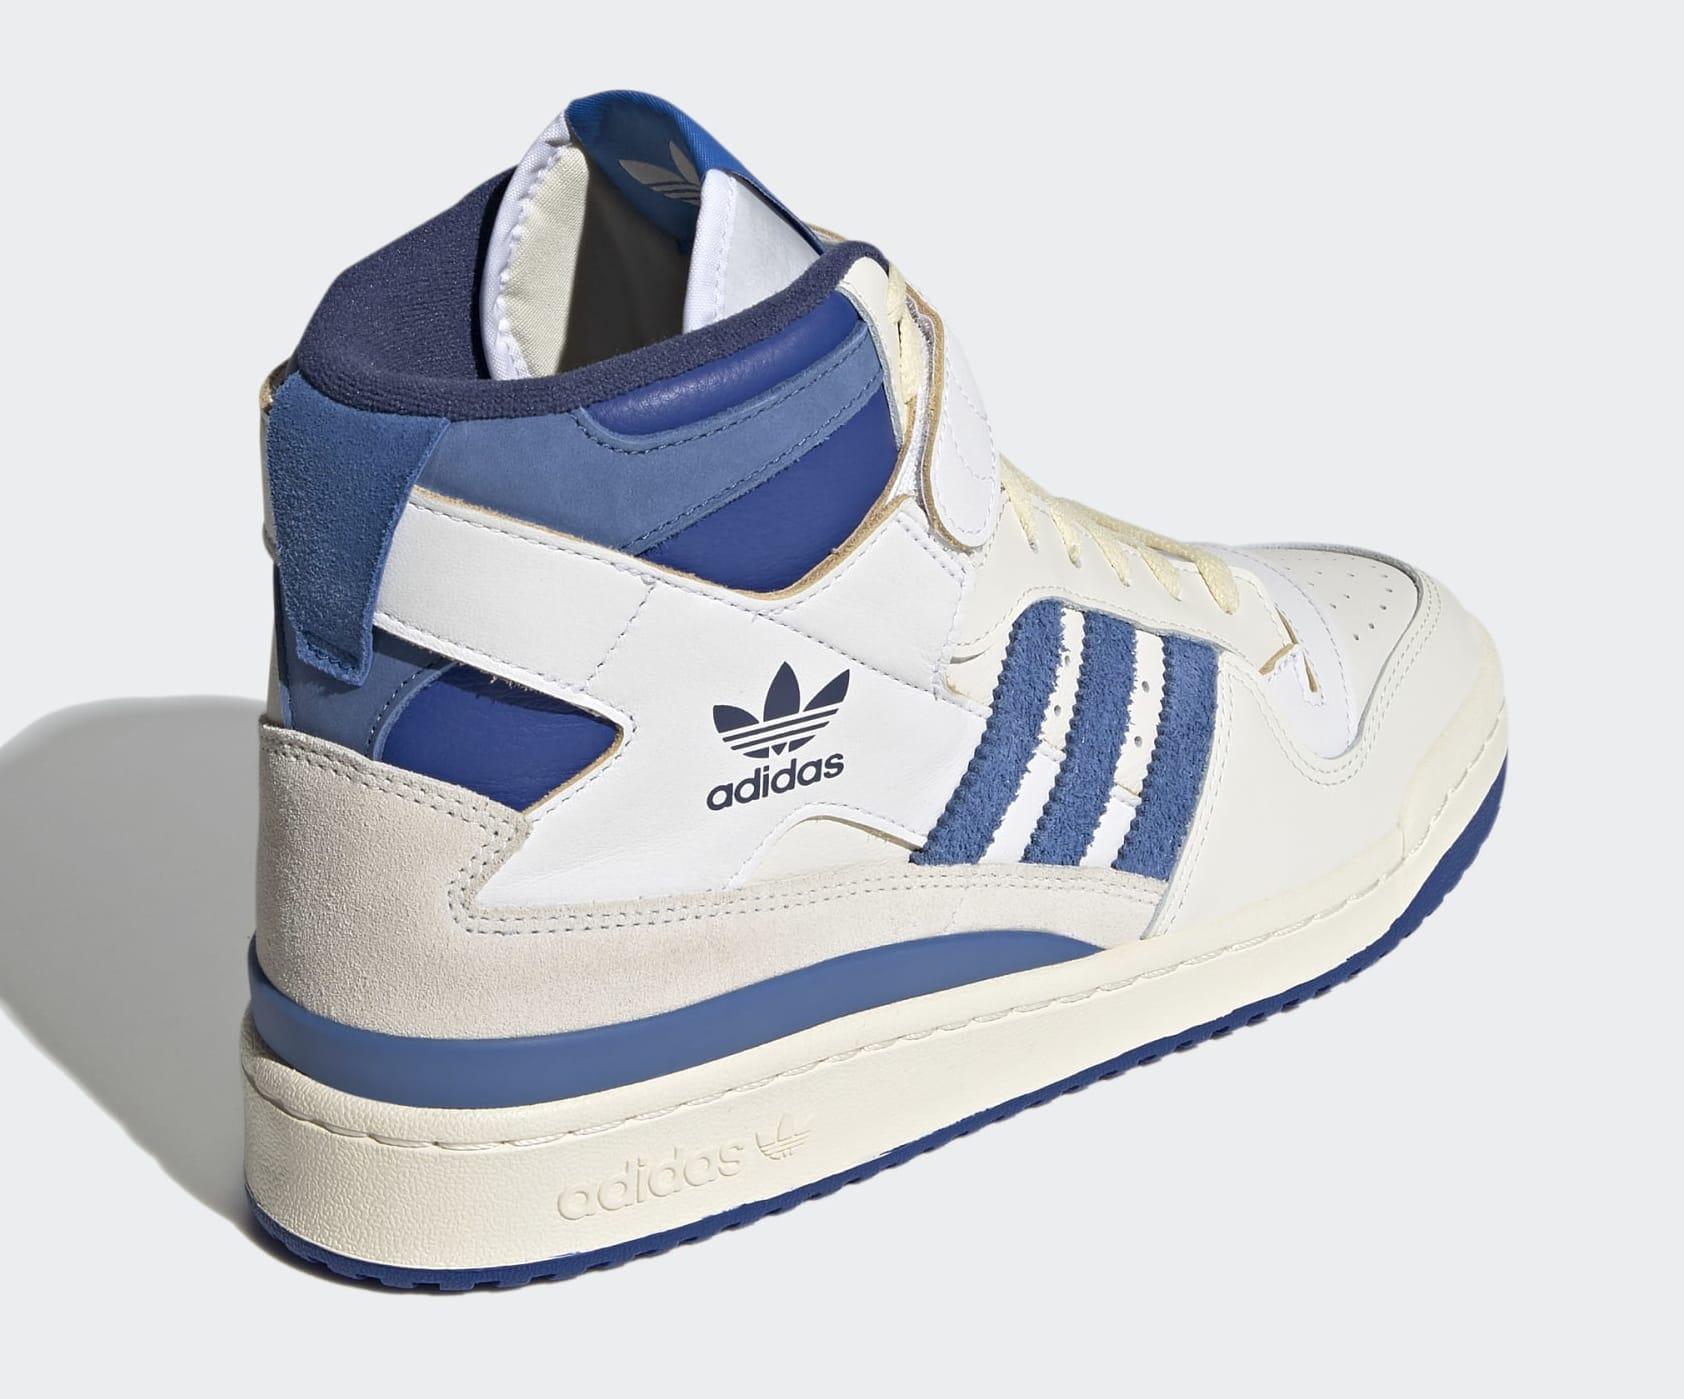 Adidas OG Forum 84 FY7793 Heel